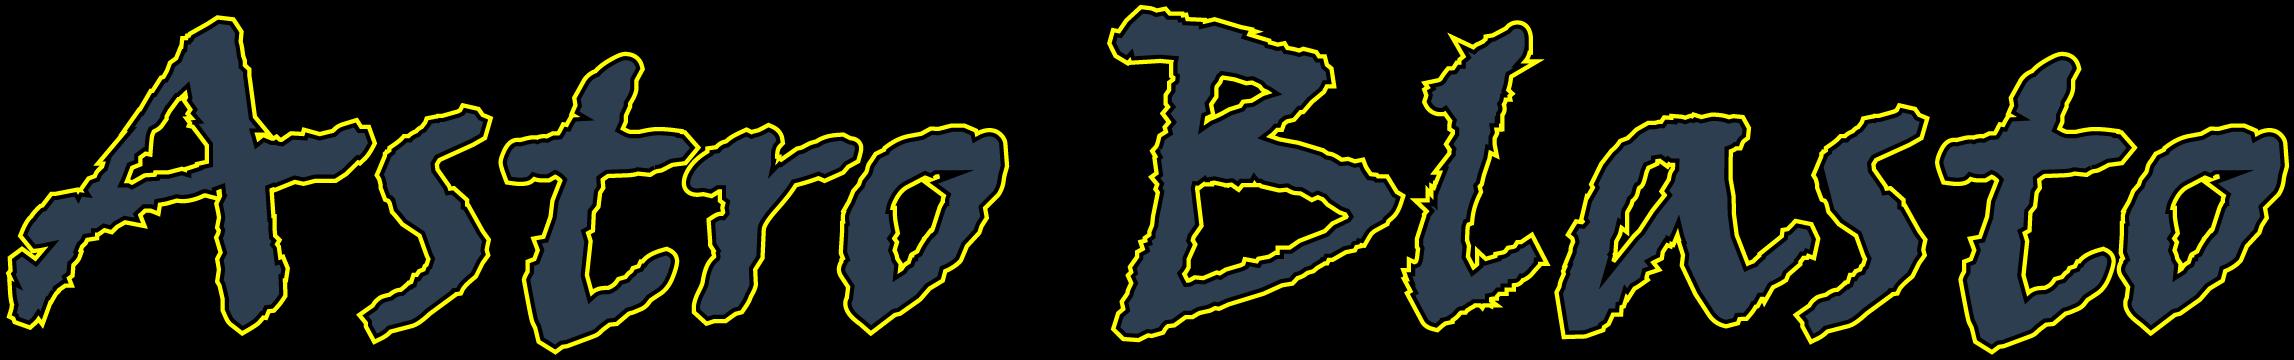 AstroBlasto